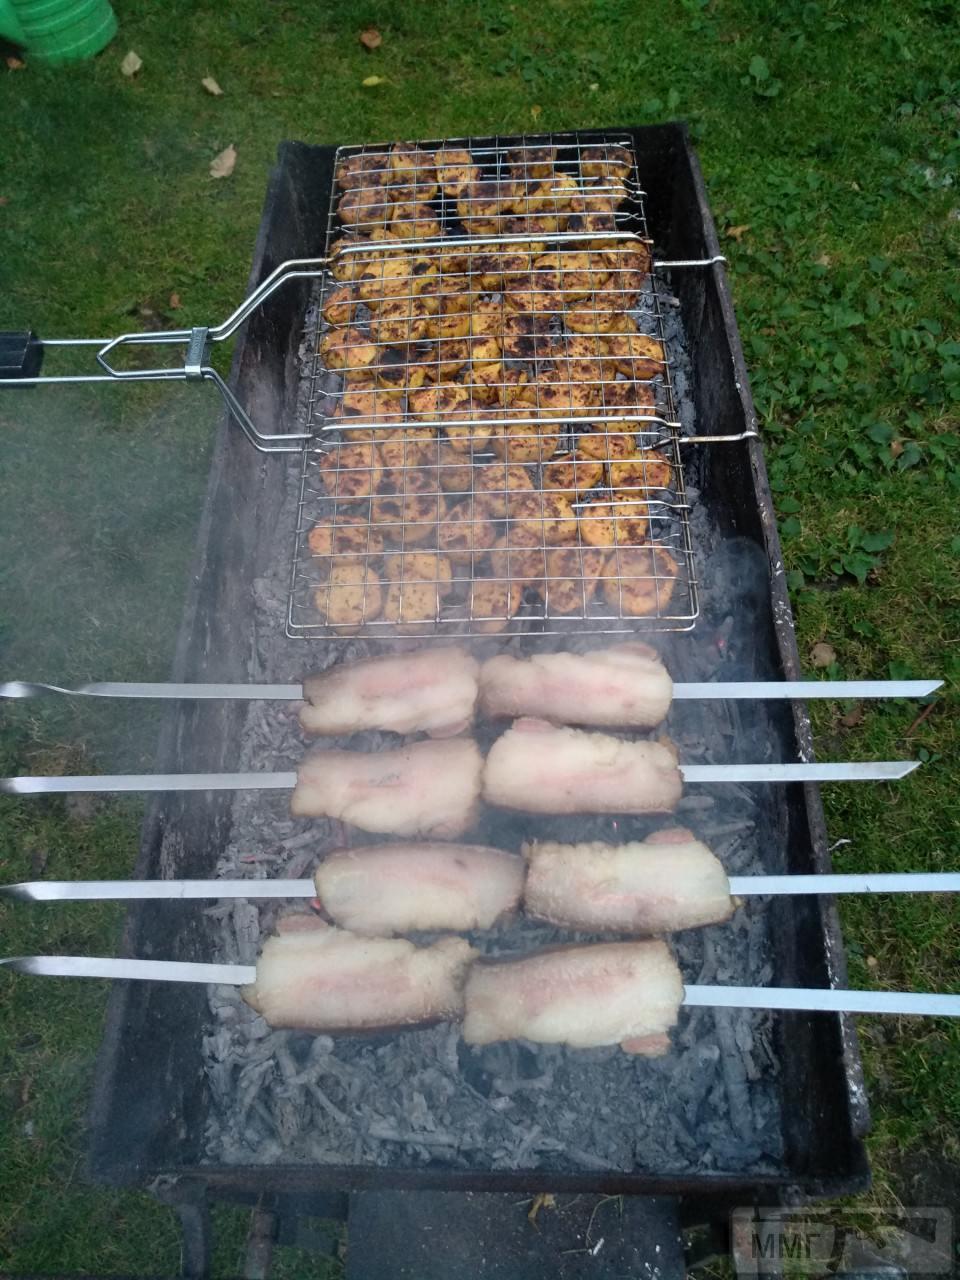 109110 - Закуски на огне (мангал, барбекю и т.д.) и кулинария вообще. Советы и рецепты.